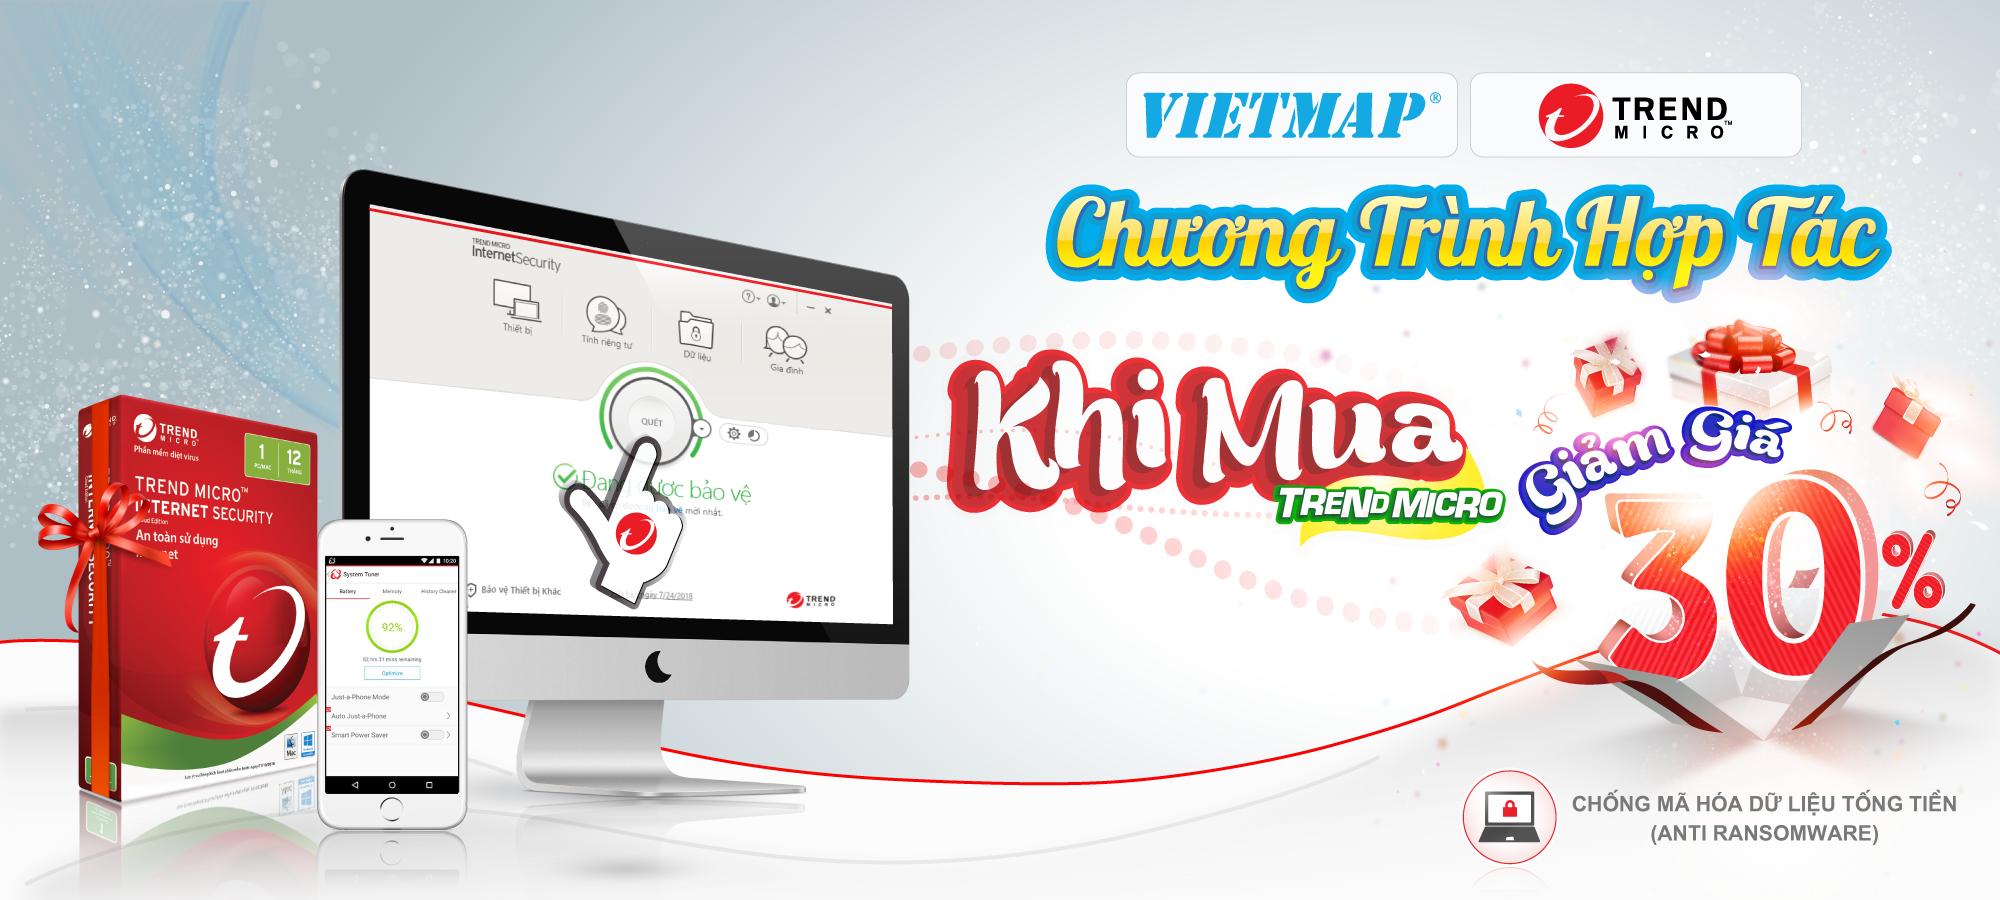 Giảm giá 30% giá trị sản phẩm của phần mềm diệt virus Trend Micro cho khách hàng VietMap